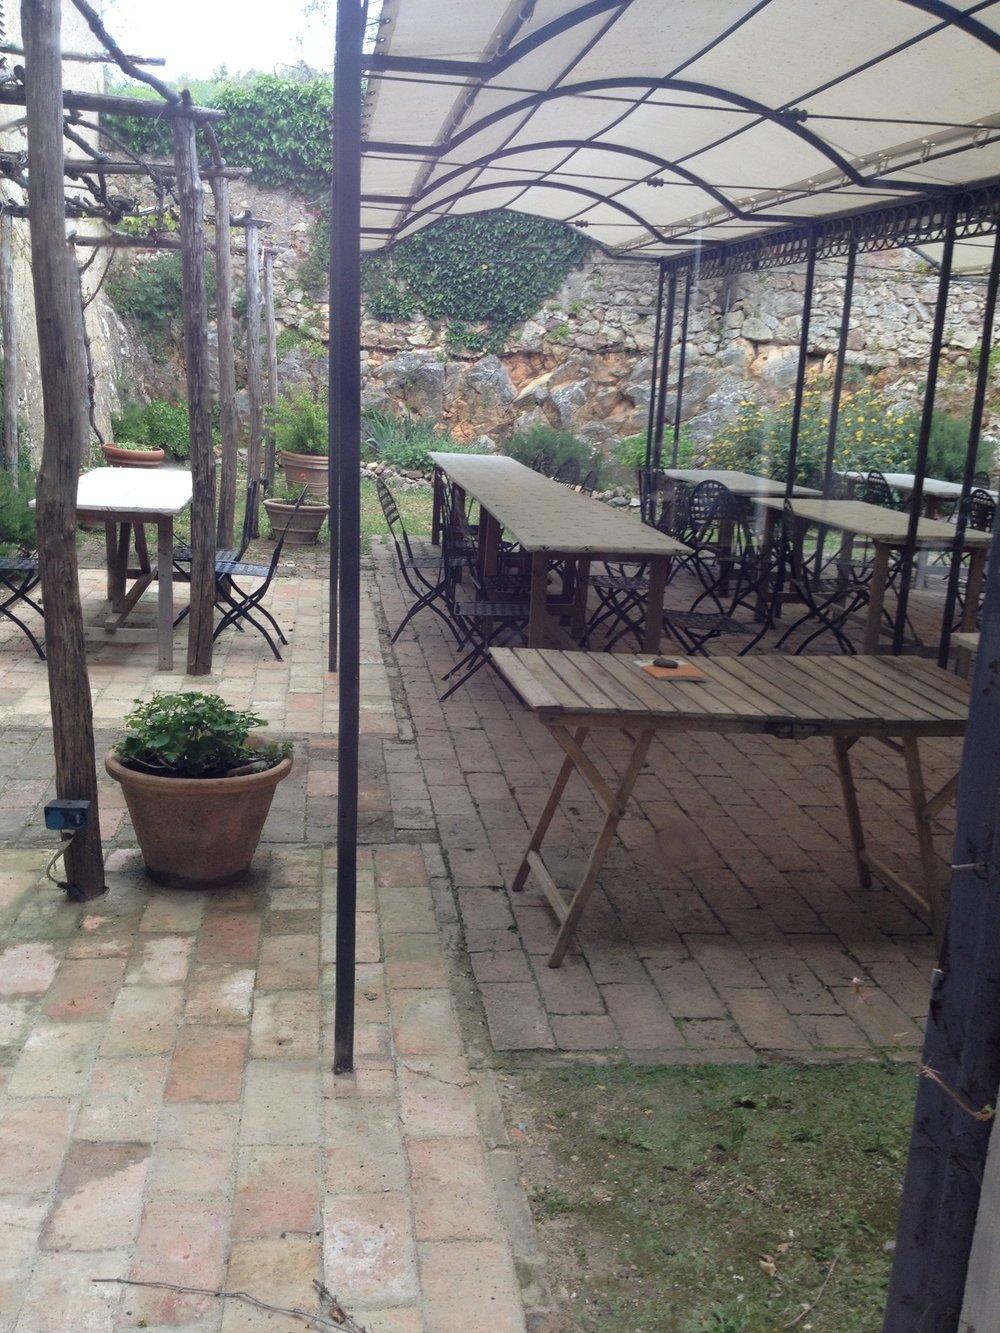 Dining patio at Spannocchia